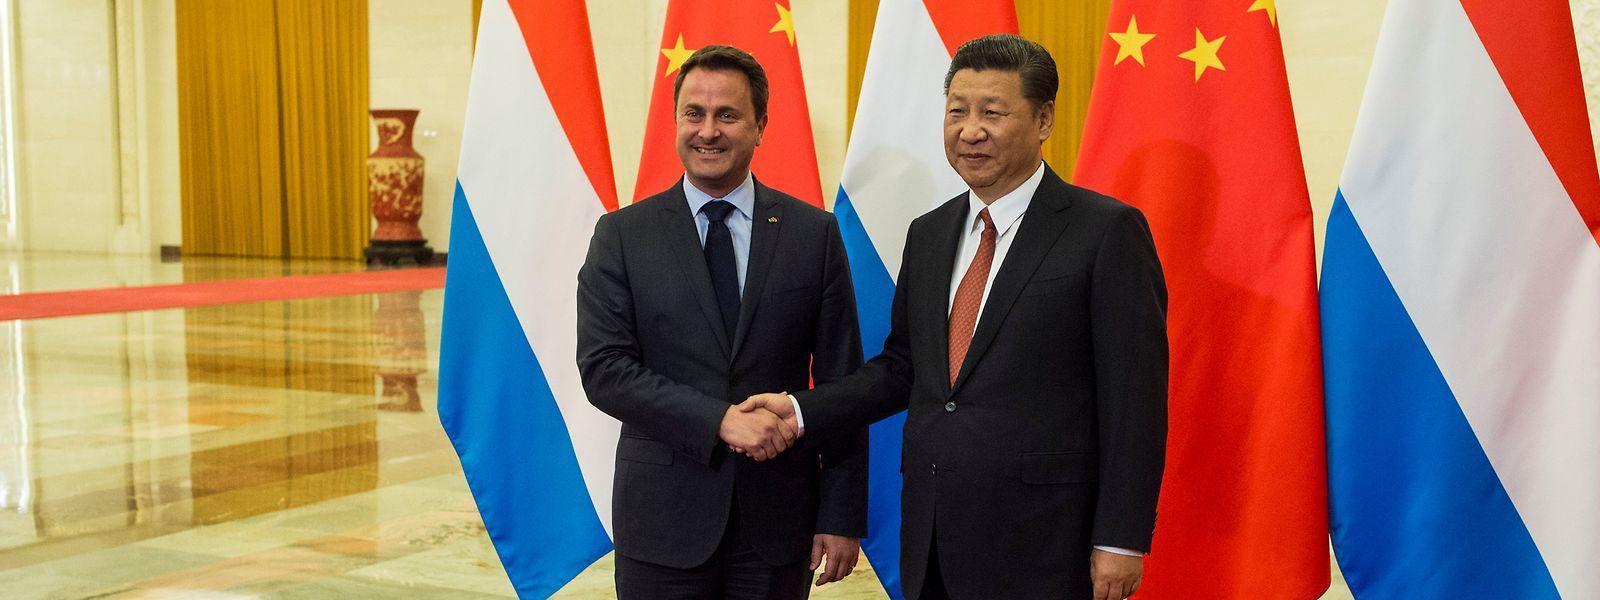 Präsident Xi Jinping (r.) und Premierminister Xavier Bettel begrüßen sich in der Großen Halle des Volkes in Peking.